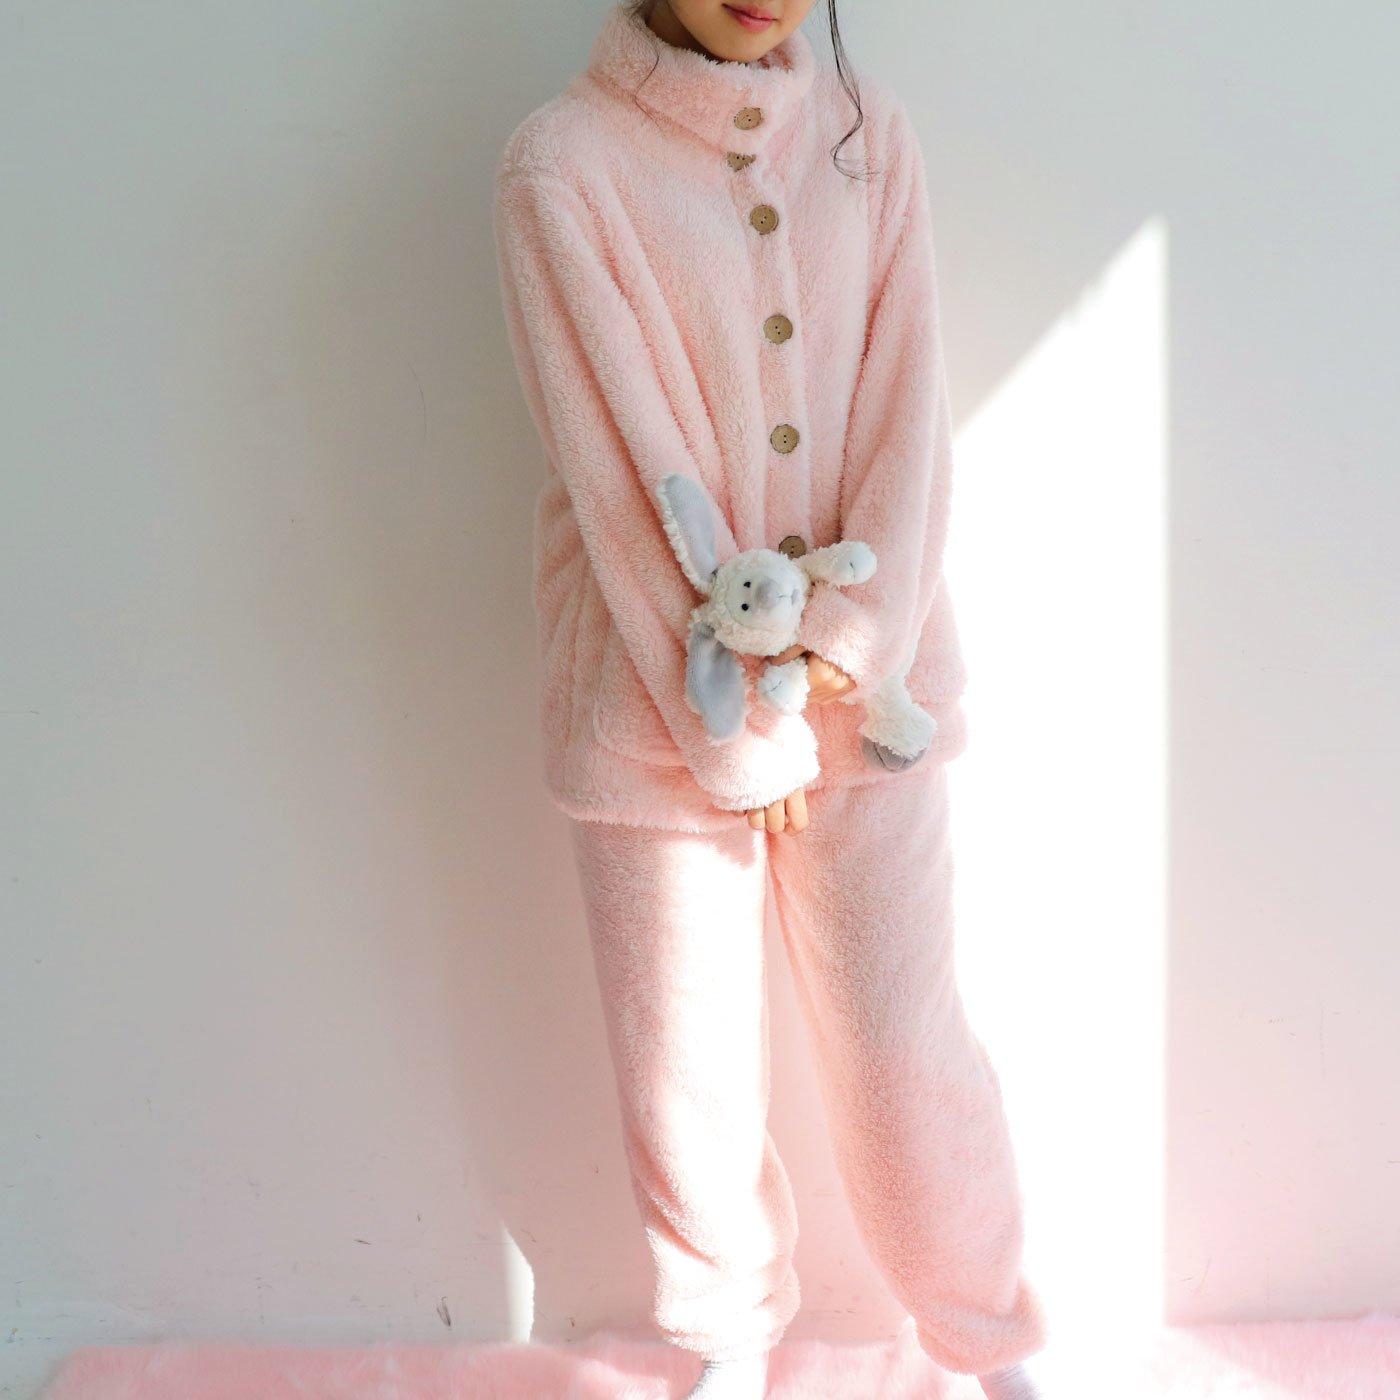 さりげなくきらりと輝く ラメ入りボアハイネックパジャマ